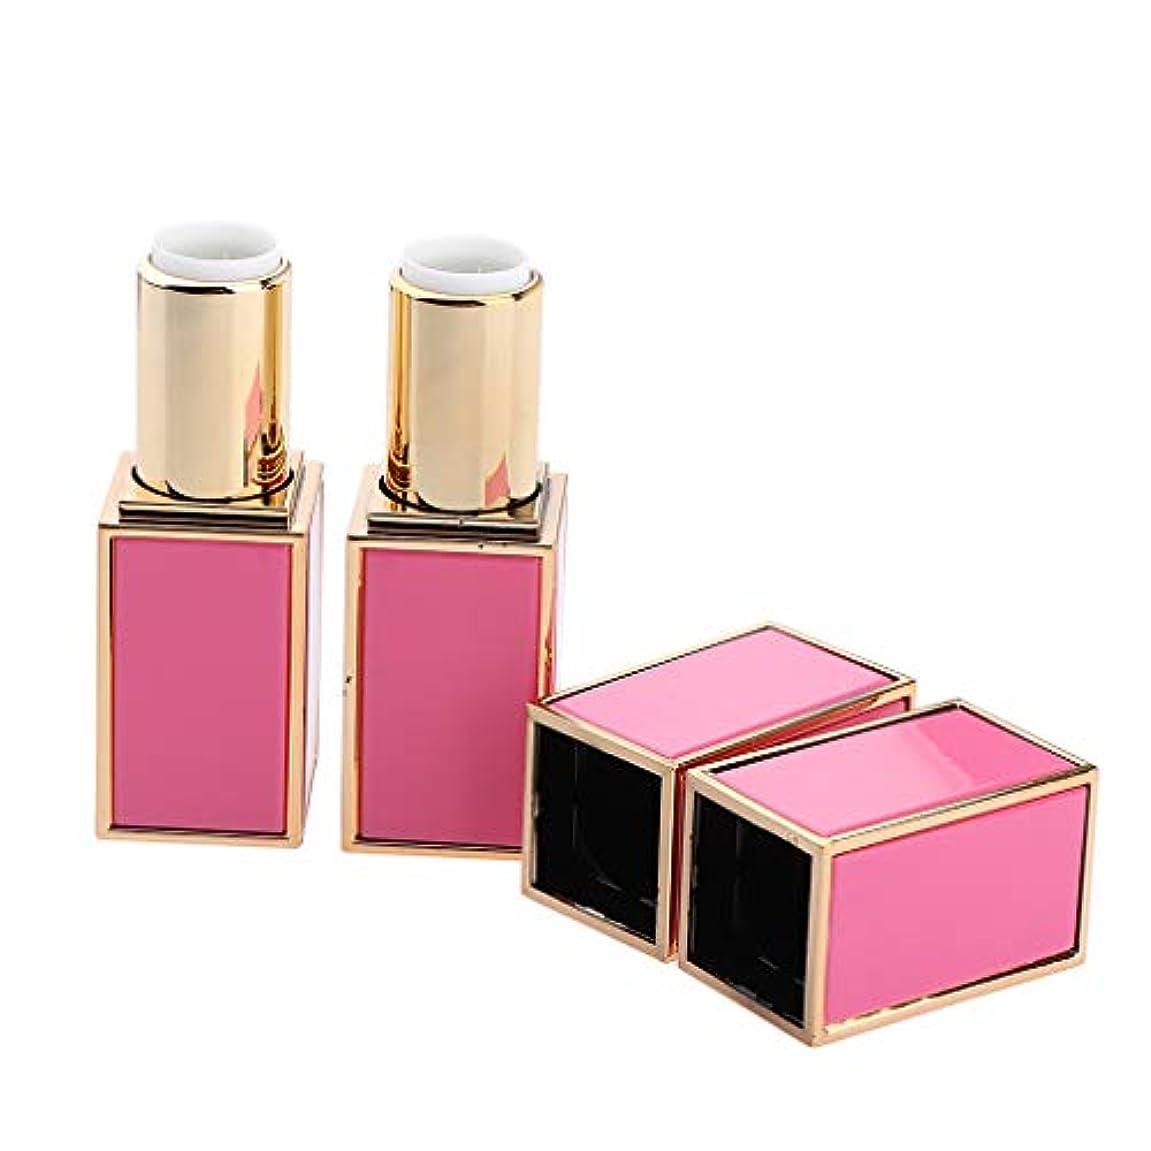 出発逸話検出可能ポータブル 空 エンドグレードグレード 口紅チューブ 固体香水 詰め替え式 2色選べ - ピンク